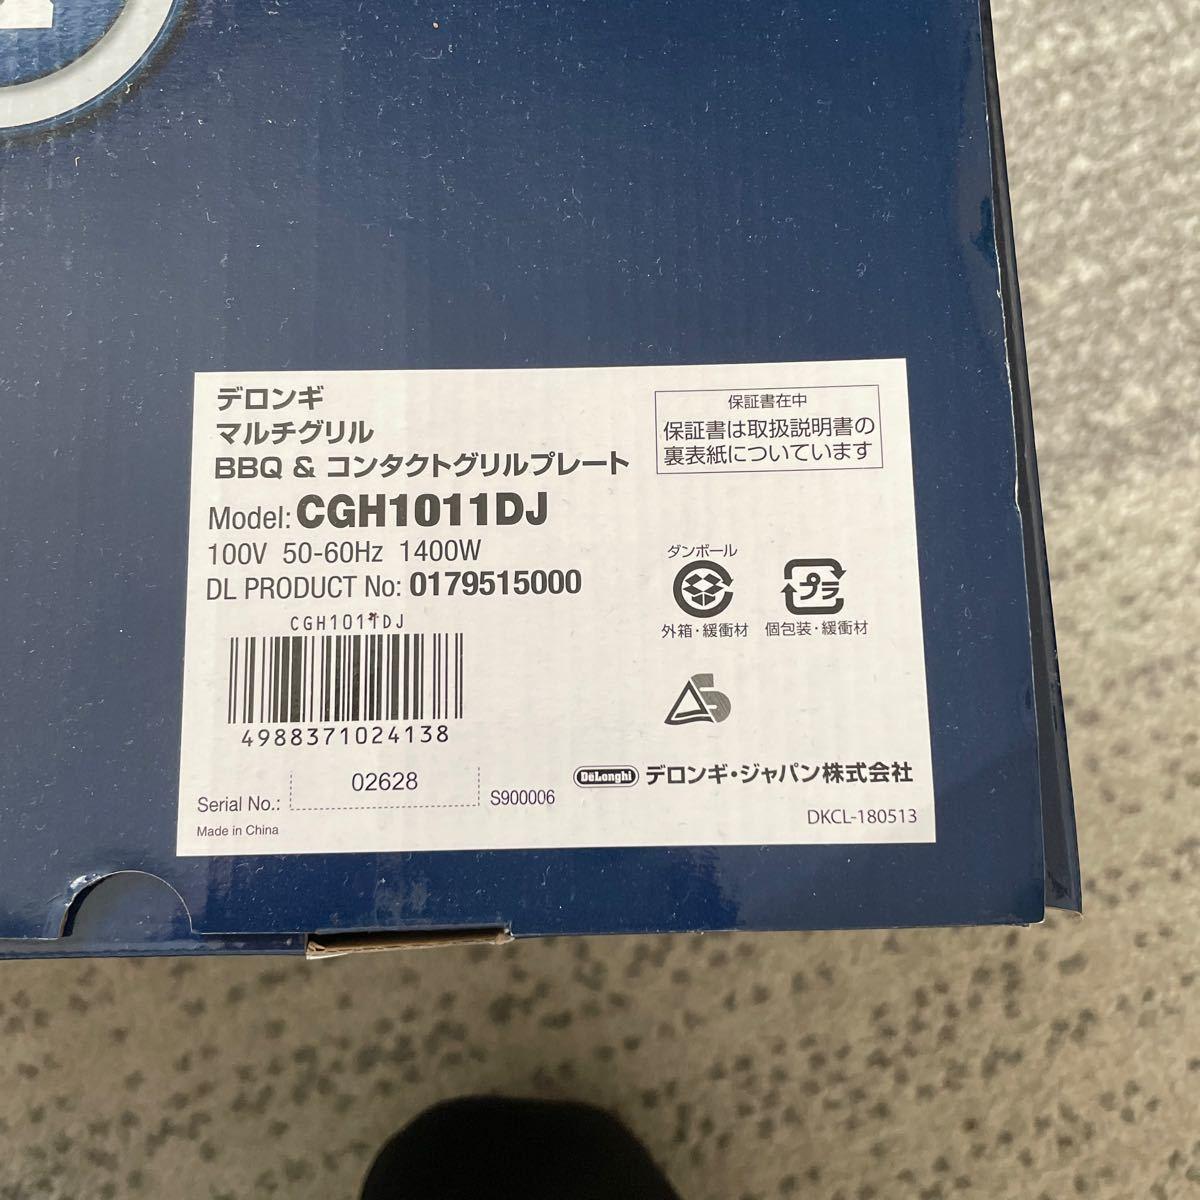 デロンギ BBQ & コンタクトグリルプレート マルチグリル 型番: CGH1011DJ 新品未使用